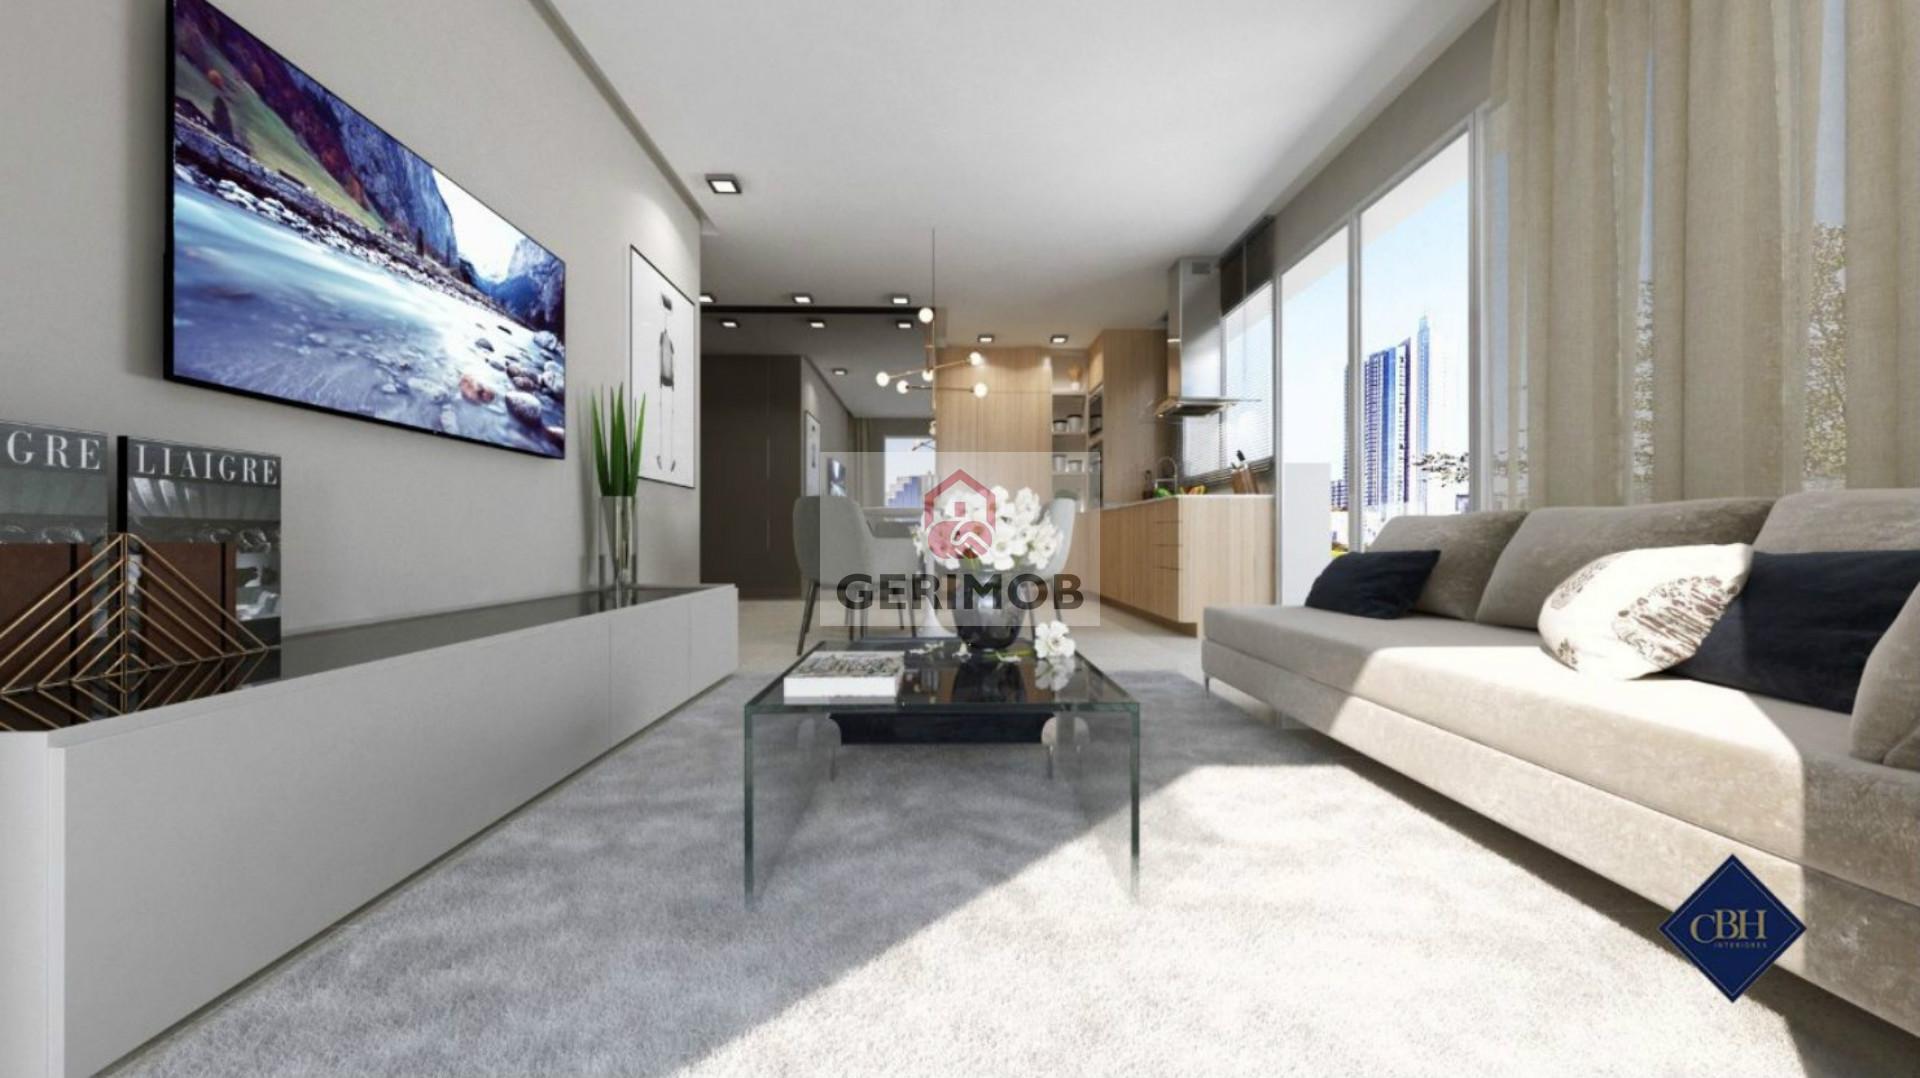 400-sqm 3-bedroom Apartment with SEA VIEW in Praia da Rocha